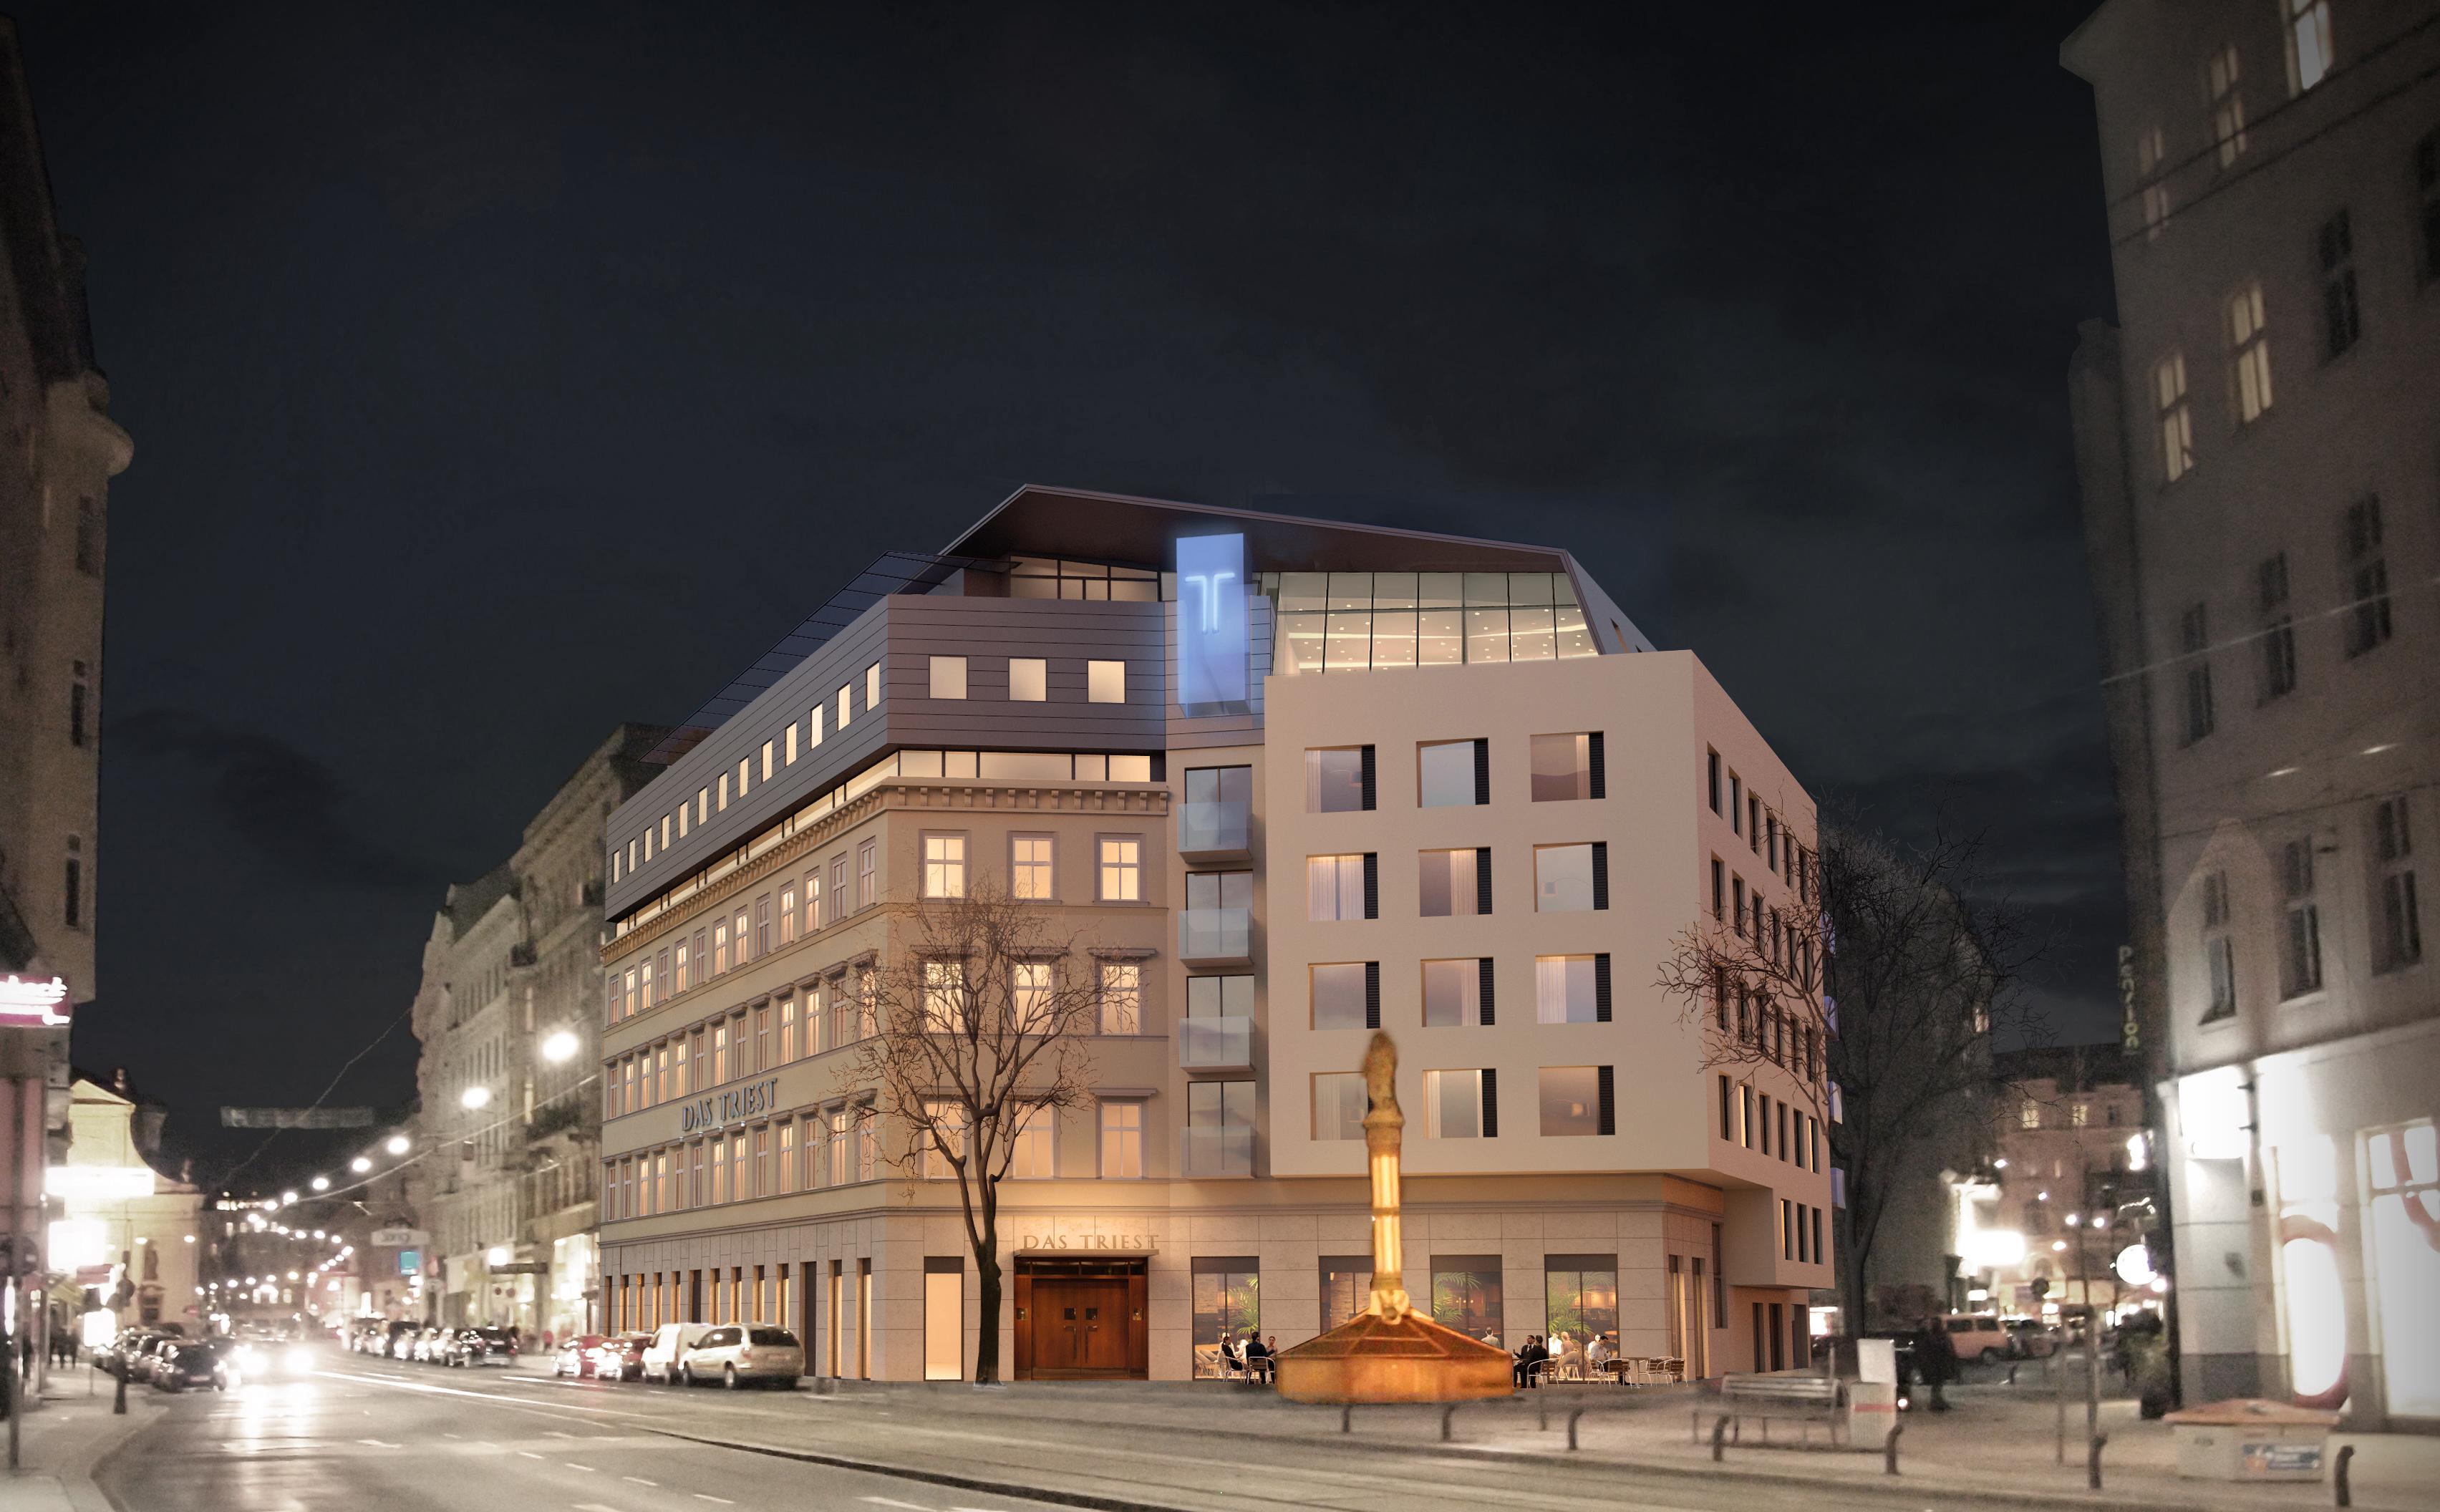 Hotel Innere Stadt Wien